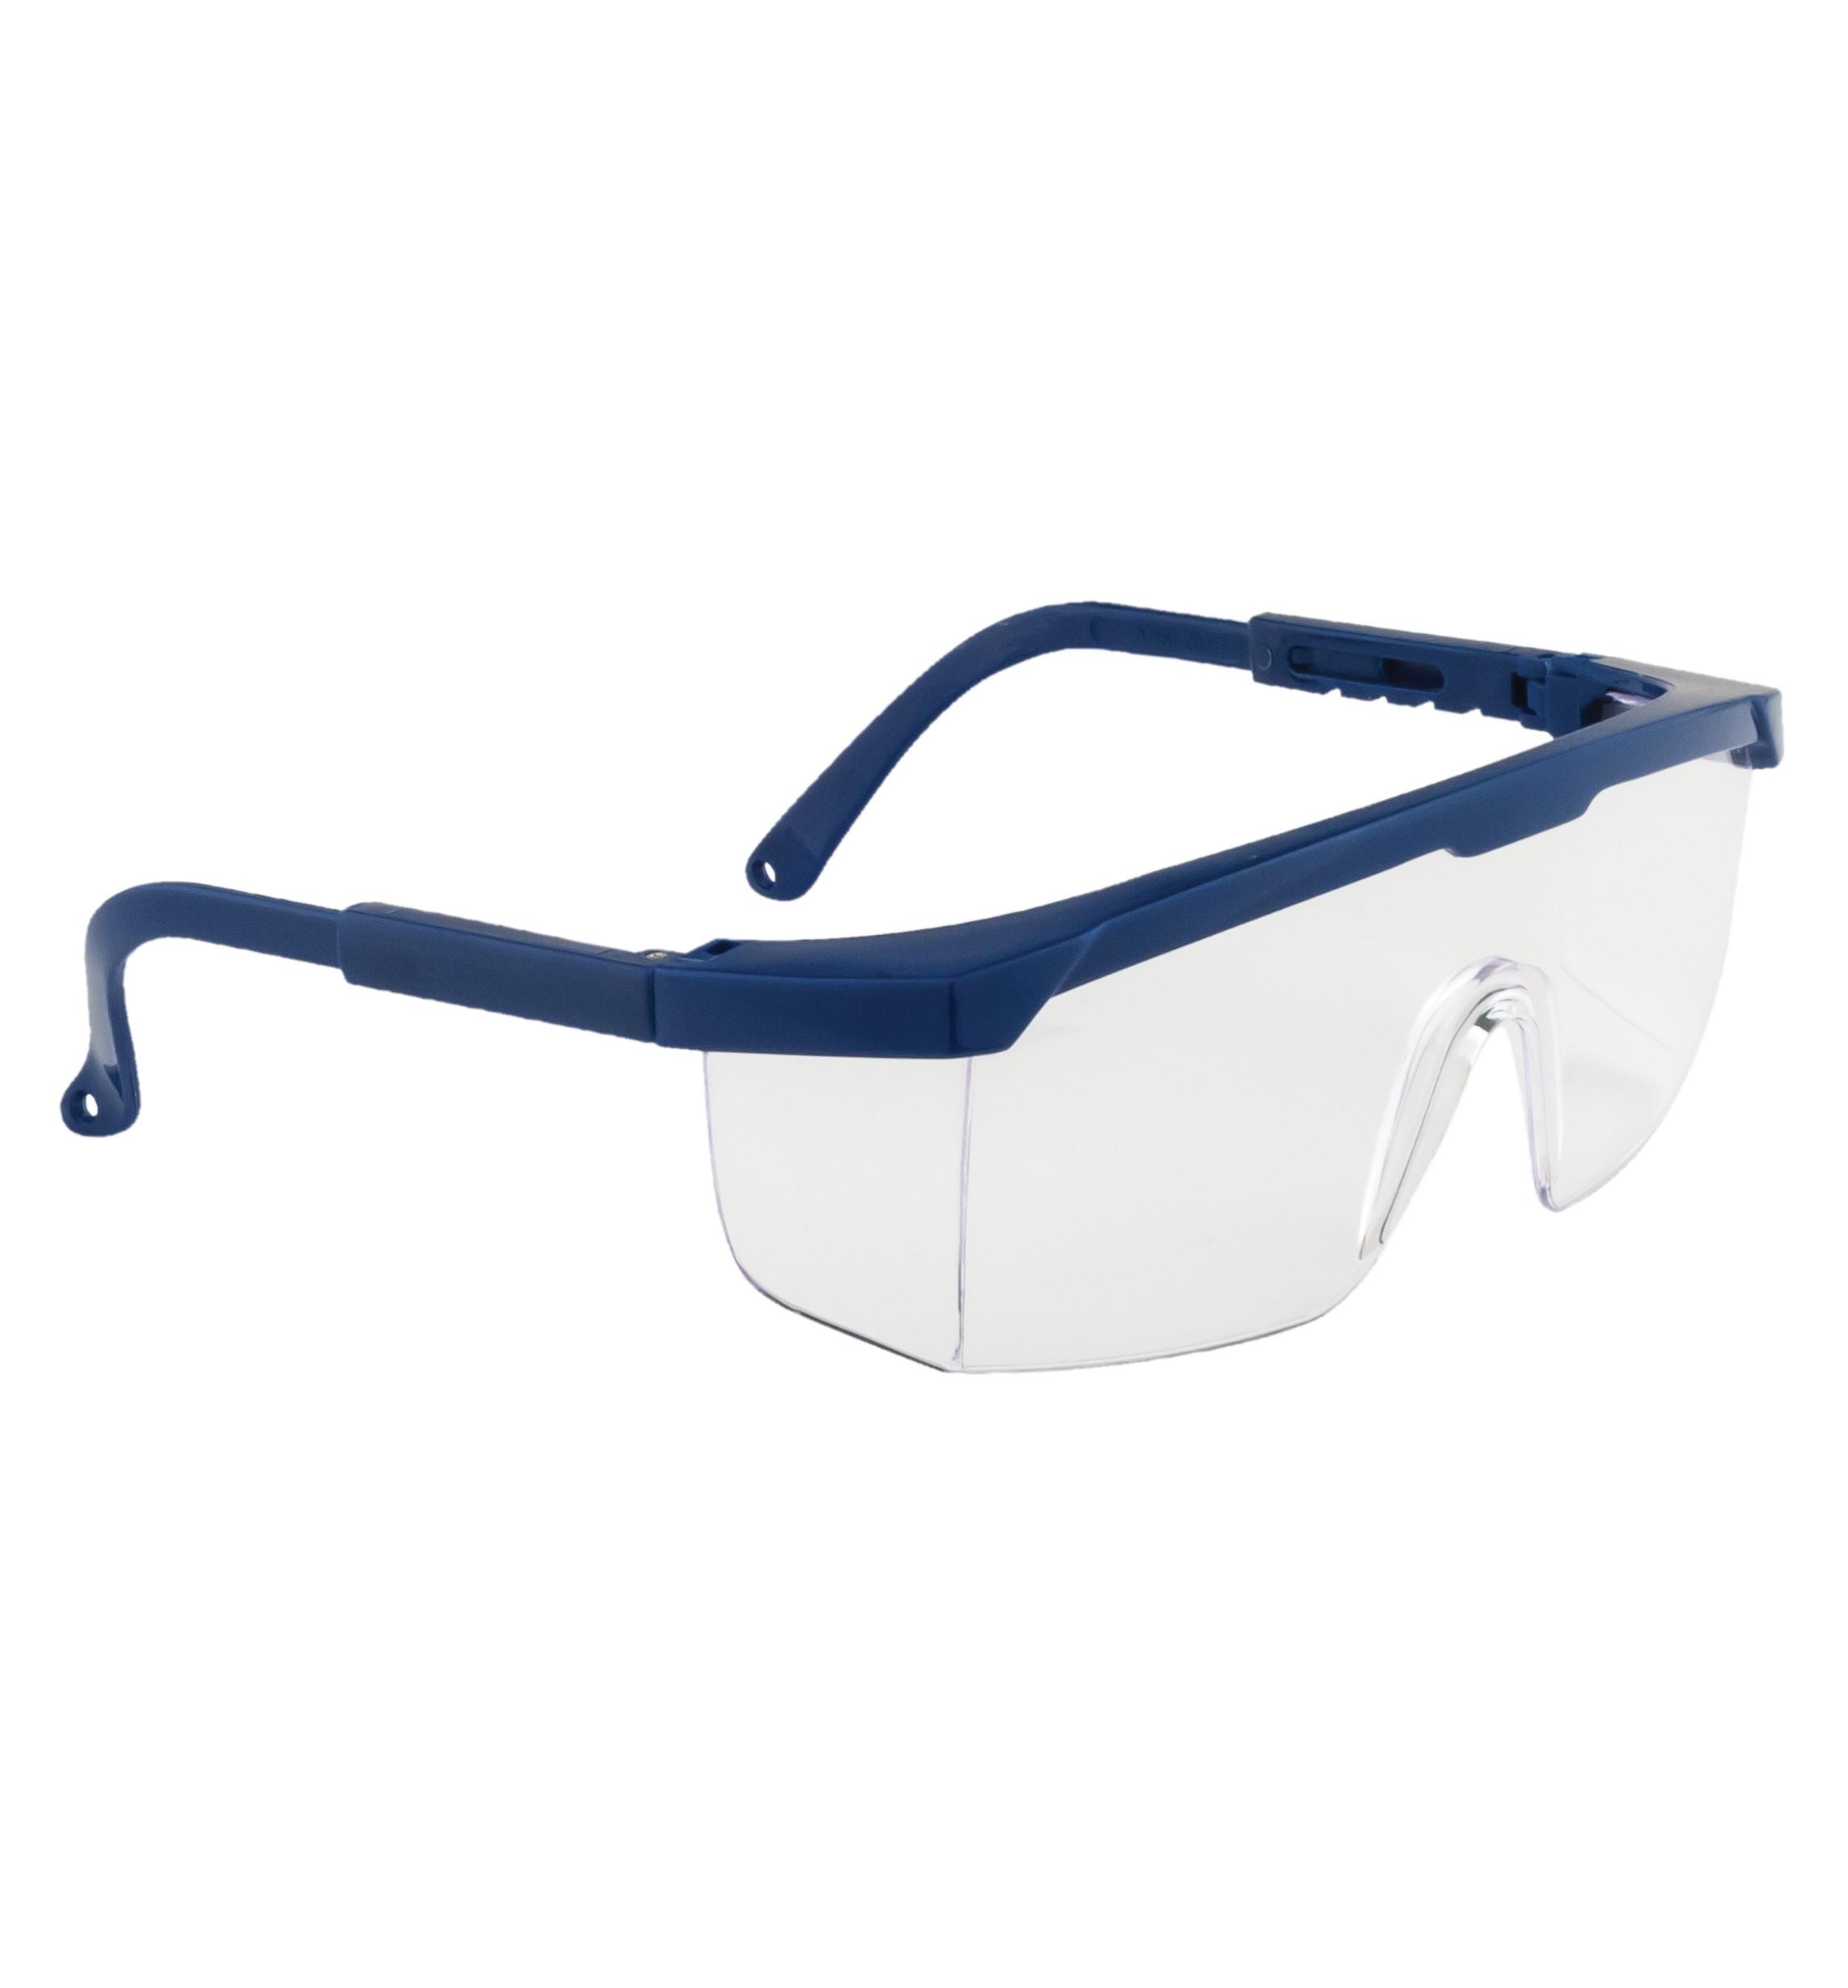 Γυαλιά Ασφαλείας POTRWEST PW33